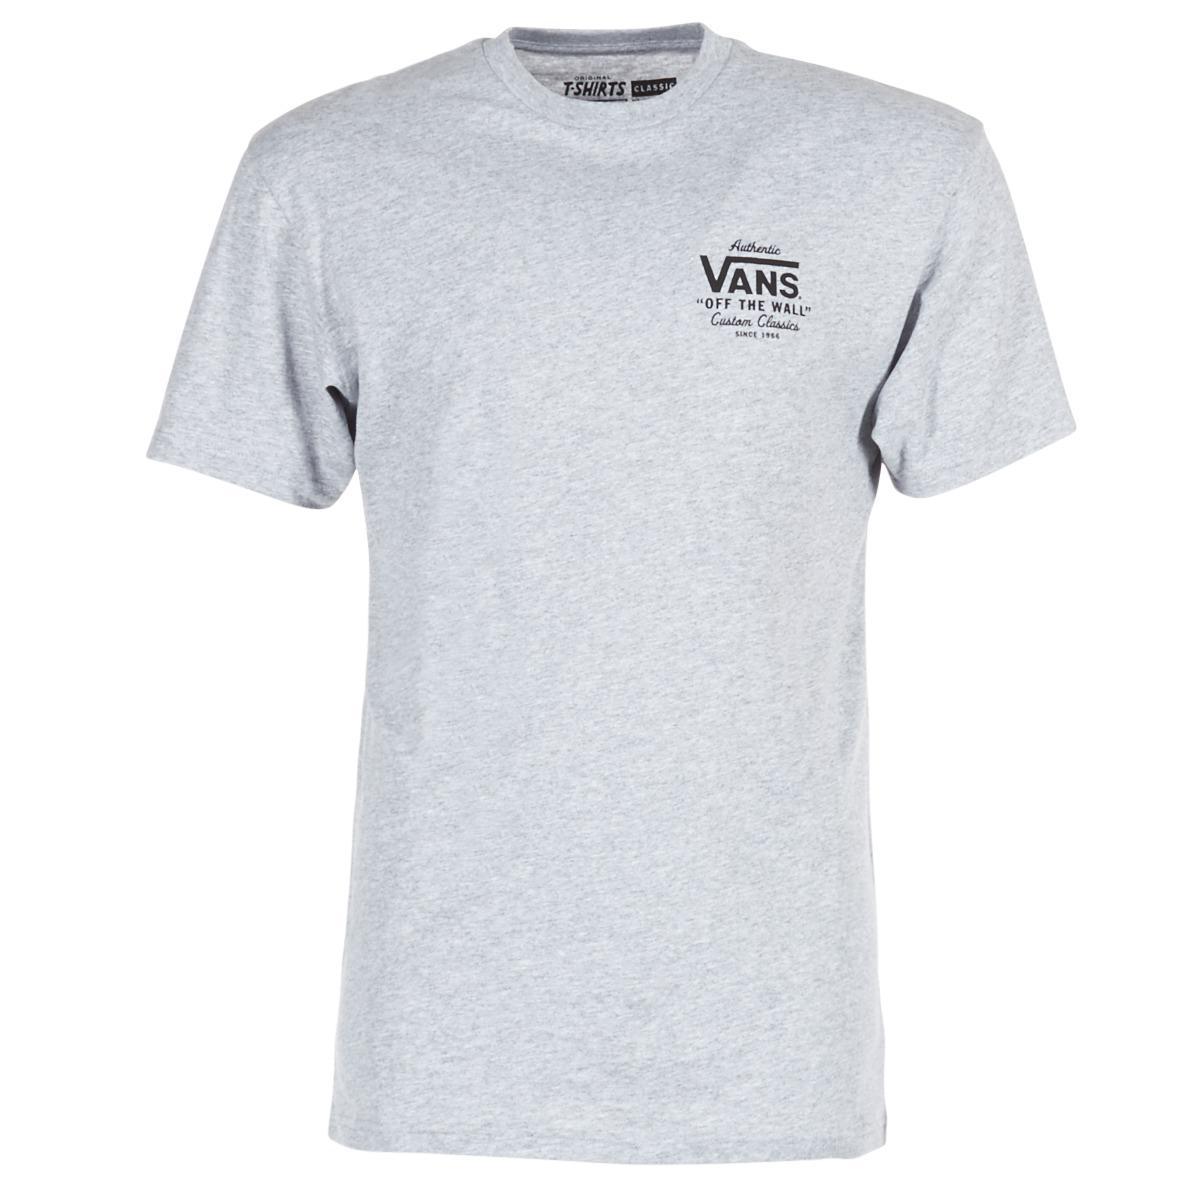 6419f533 Vans Holder Classic T Shirt in Gray for Men - Lyst